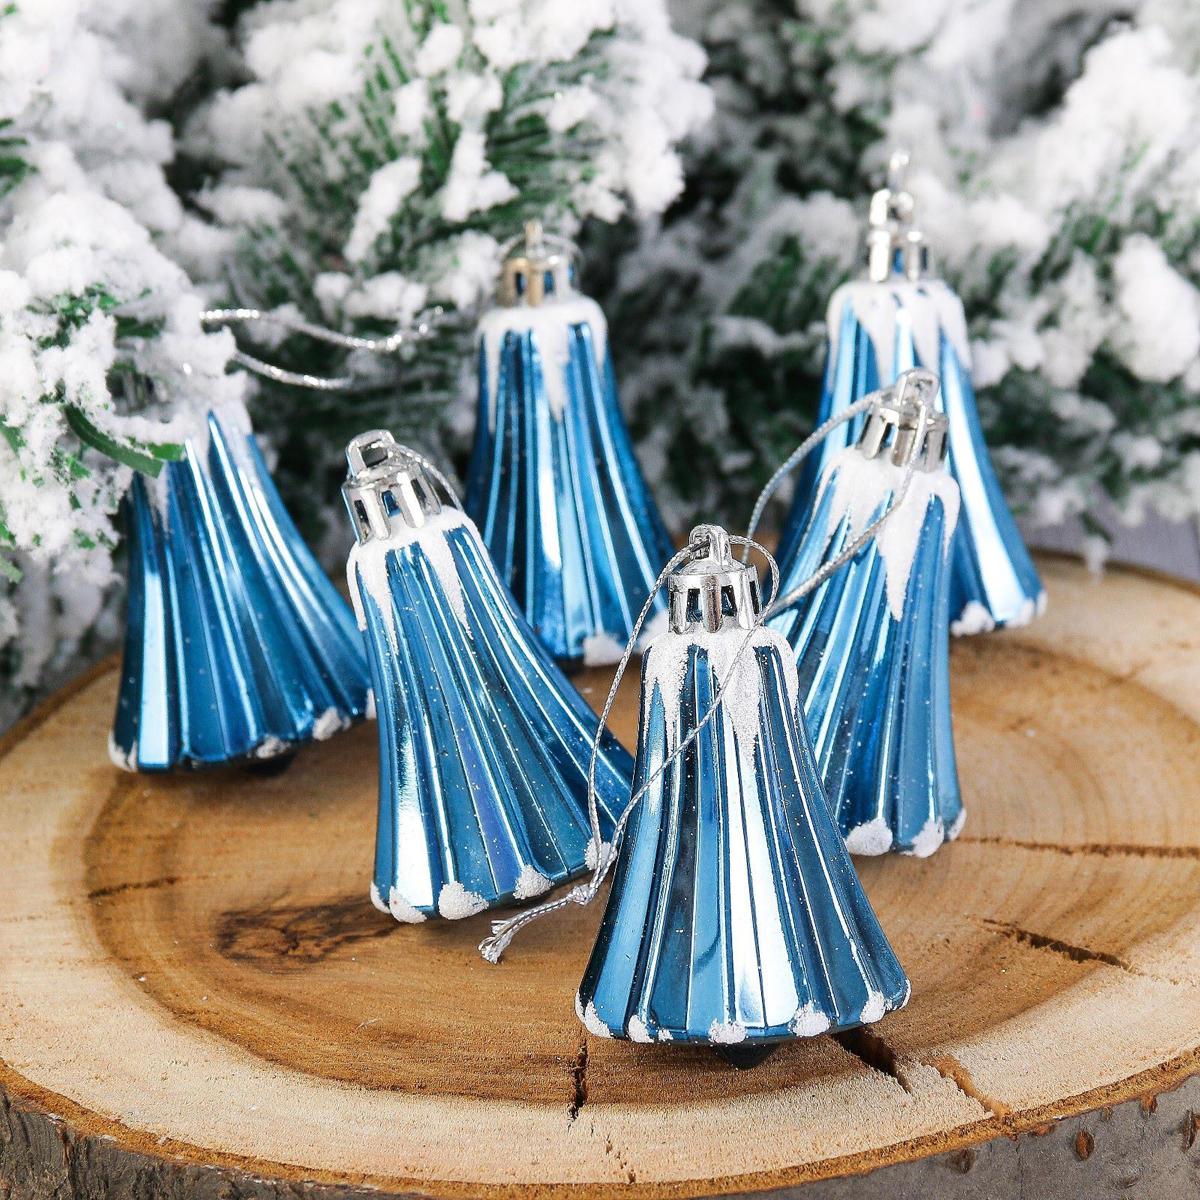 Набор новогодних подвесных украшений Колокольчик. Снег, цвет: синий, 5 х 4 см, 6 шт2123096Набор новогодних подвесных украшений отлично подойдет для декорации вашего дома и новогодней ели. С помощью специальной петельки украшение можно повесить в любом понравившемся вам месте. Но, конечно, удачнее всего оно будет смотреться на праздничной елке.Елочная игрушка - символ Нового года. Она несет в себе волшебство и красоту праздника. Такое украшение создаст в вашем доме атмосферу праздника, веселья и радости.